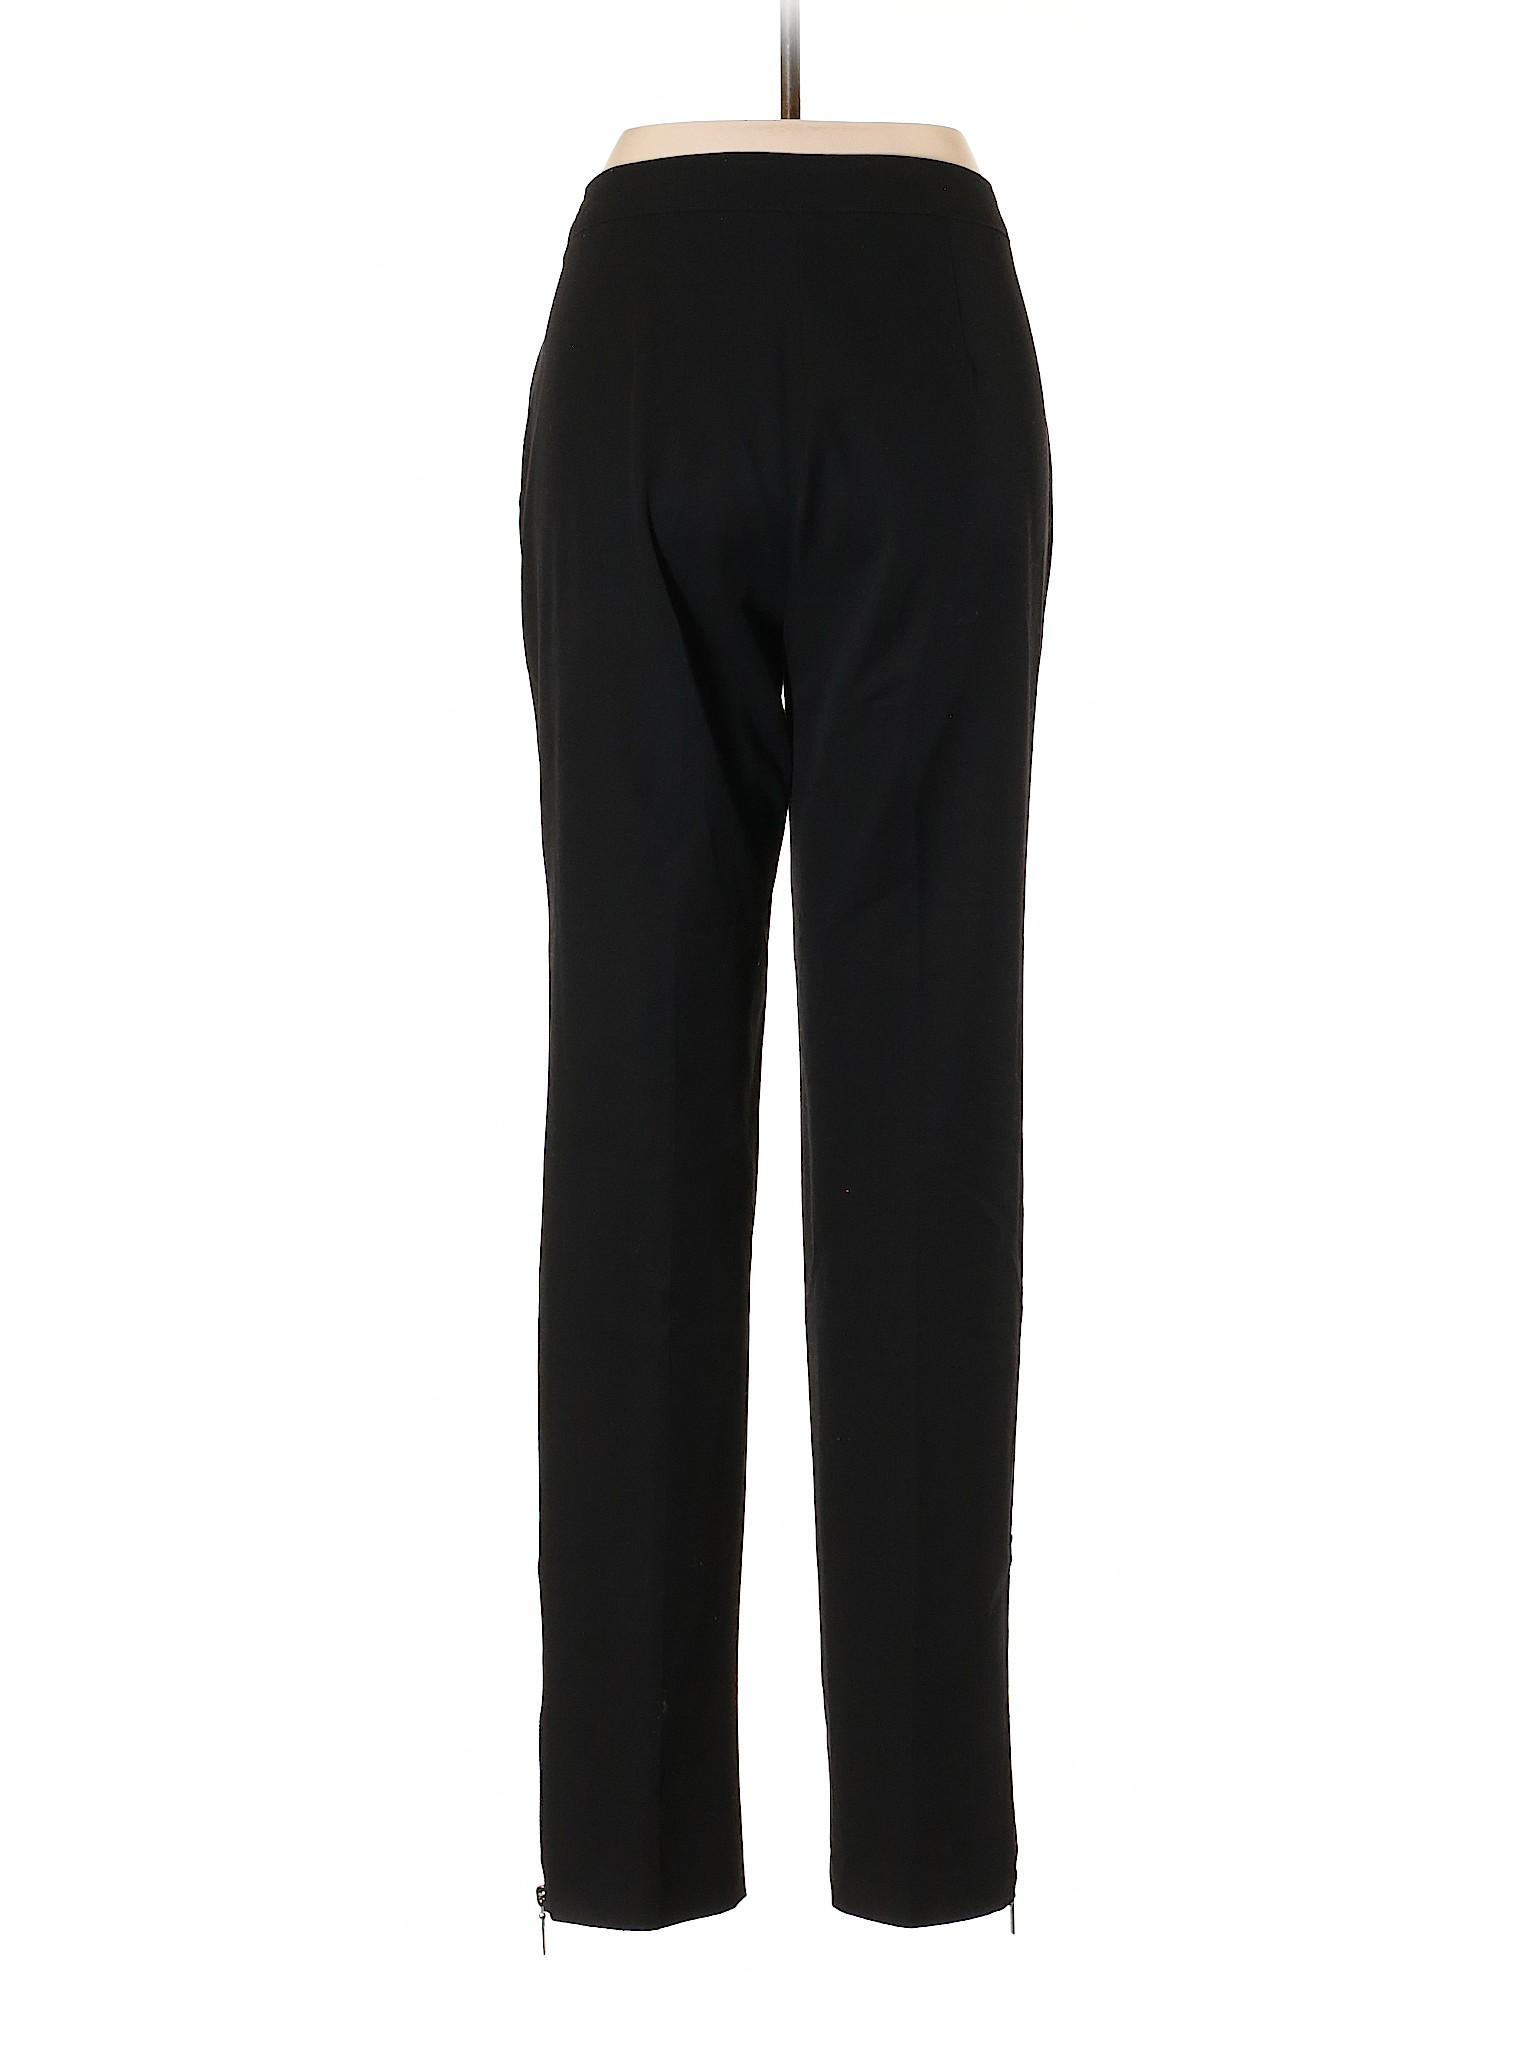 Bisou Dress Pants Boutique Bisou winter t5qxxpfwB0